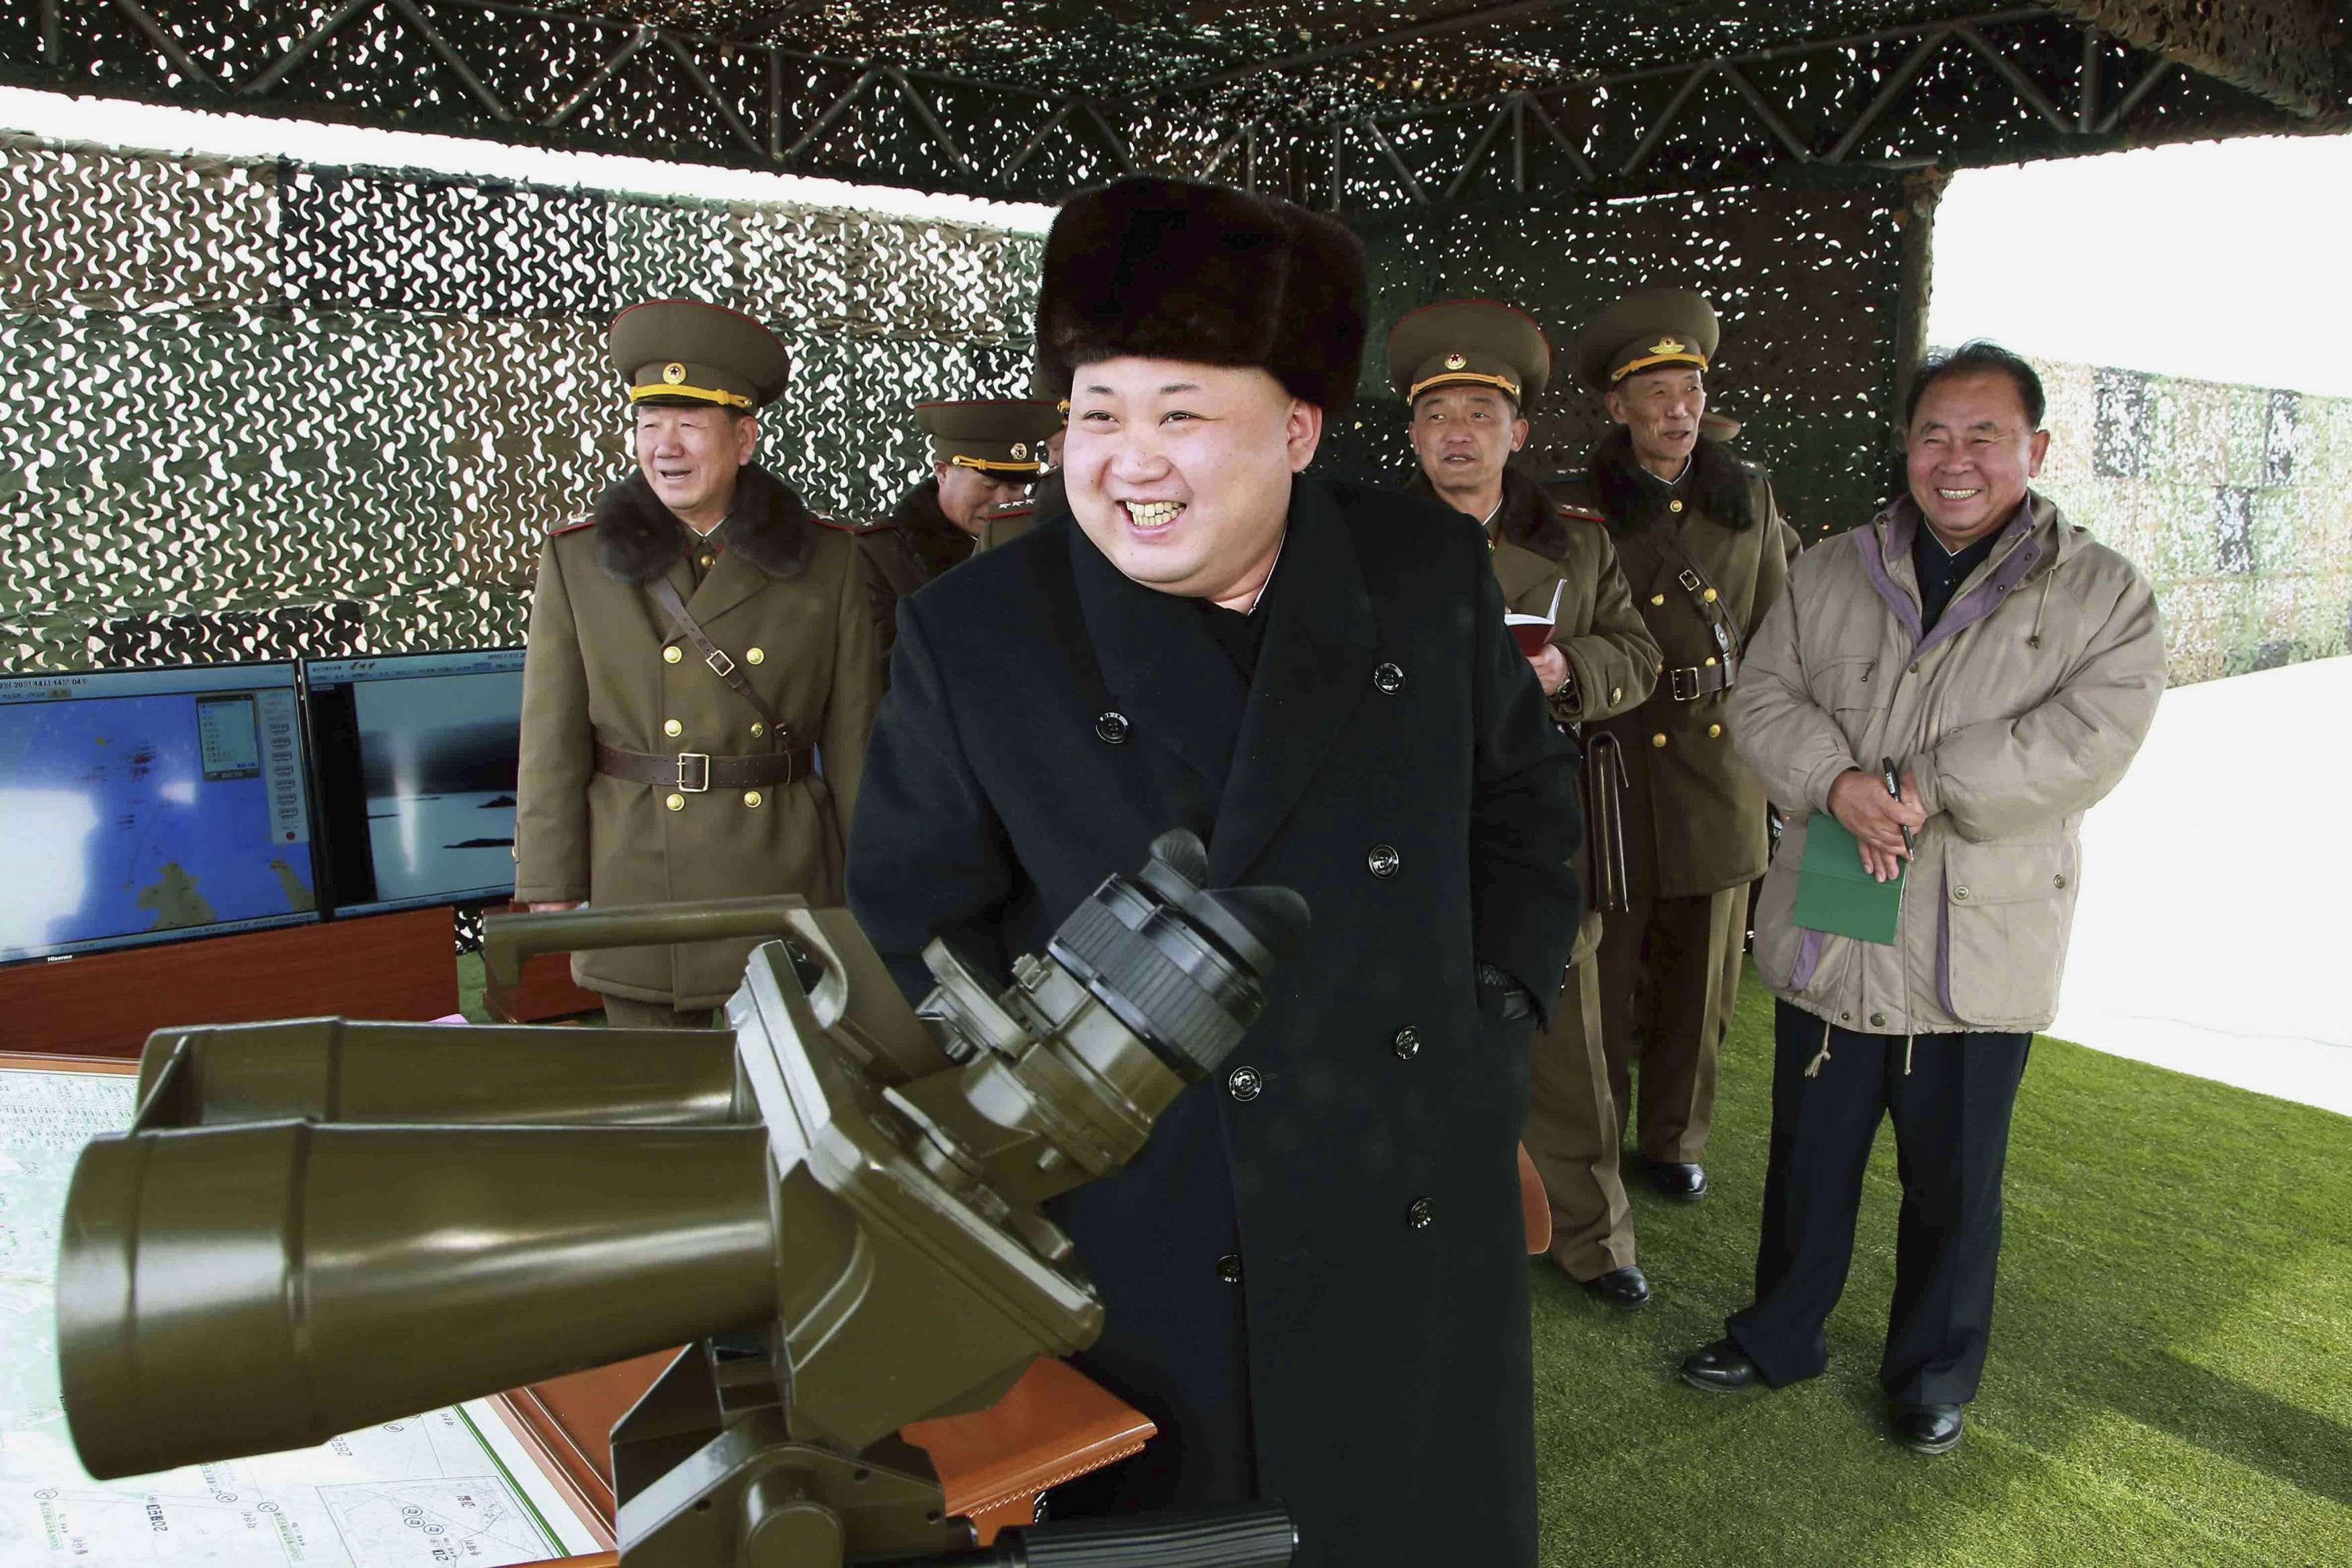 Coreia do Norte veta estrangeiros em maratona Foto: KCNA/Reuters